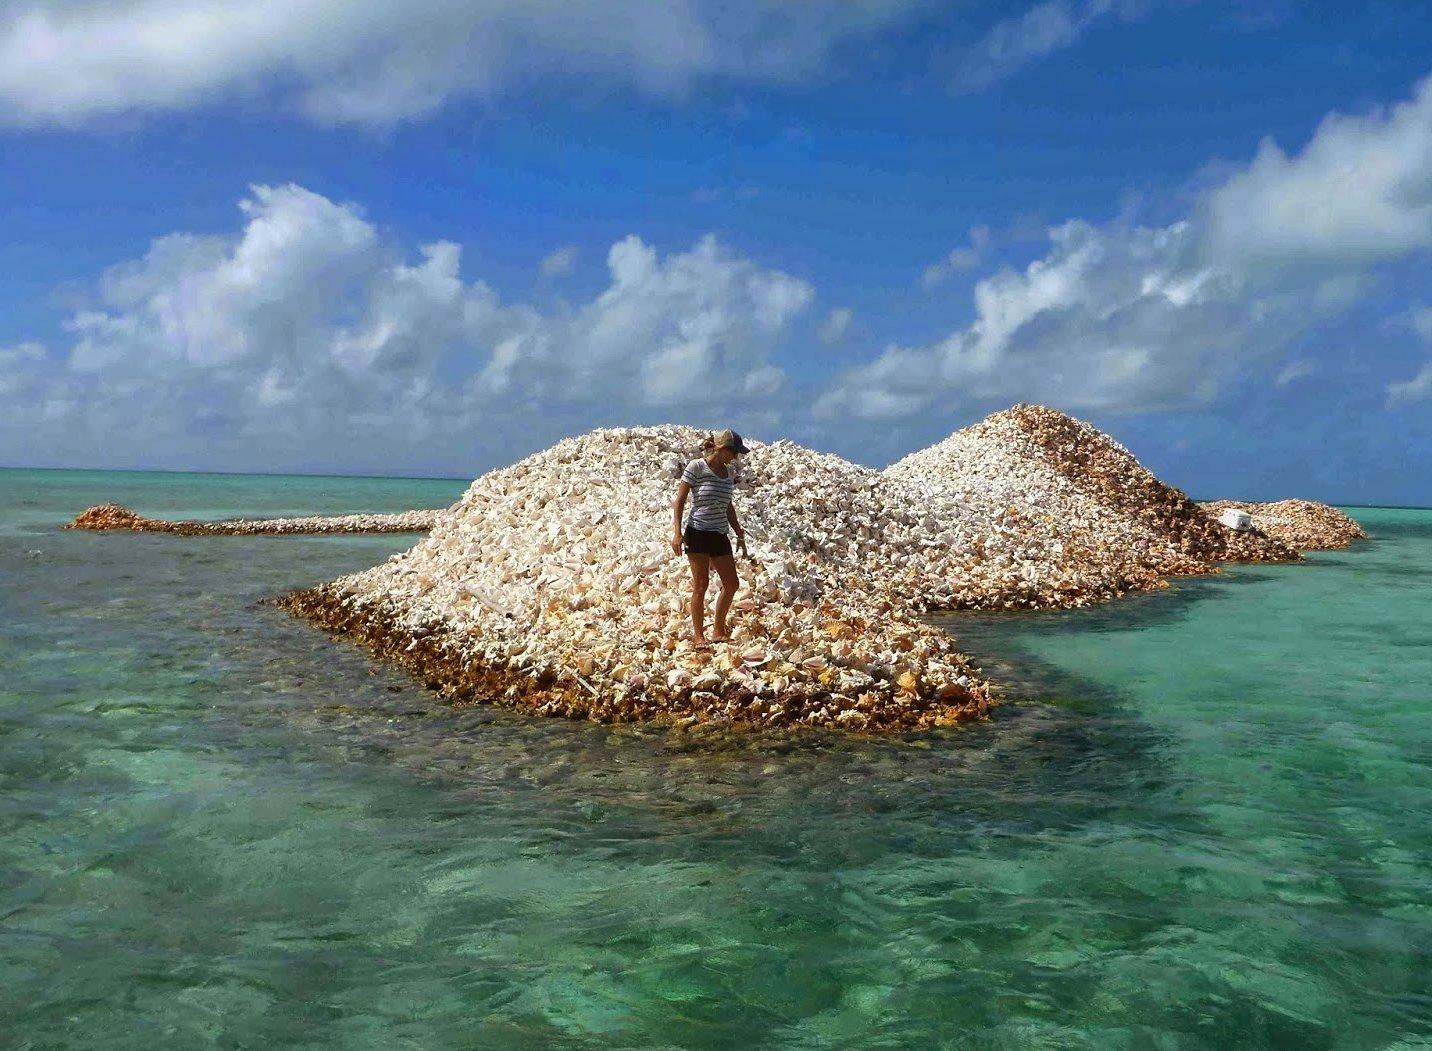 Чем удивит туриста природный остров на Карибах?